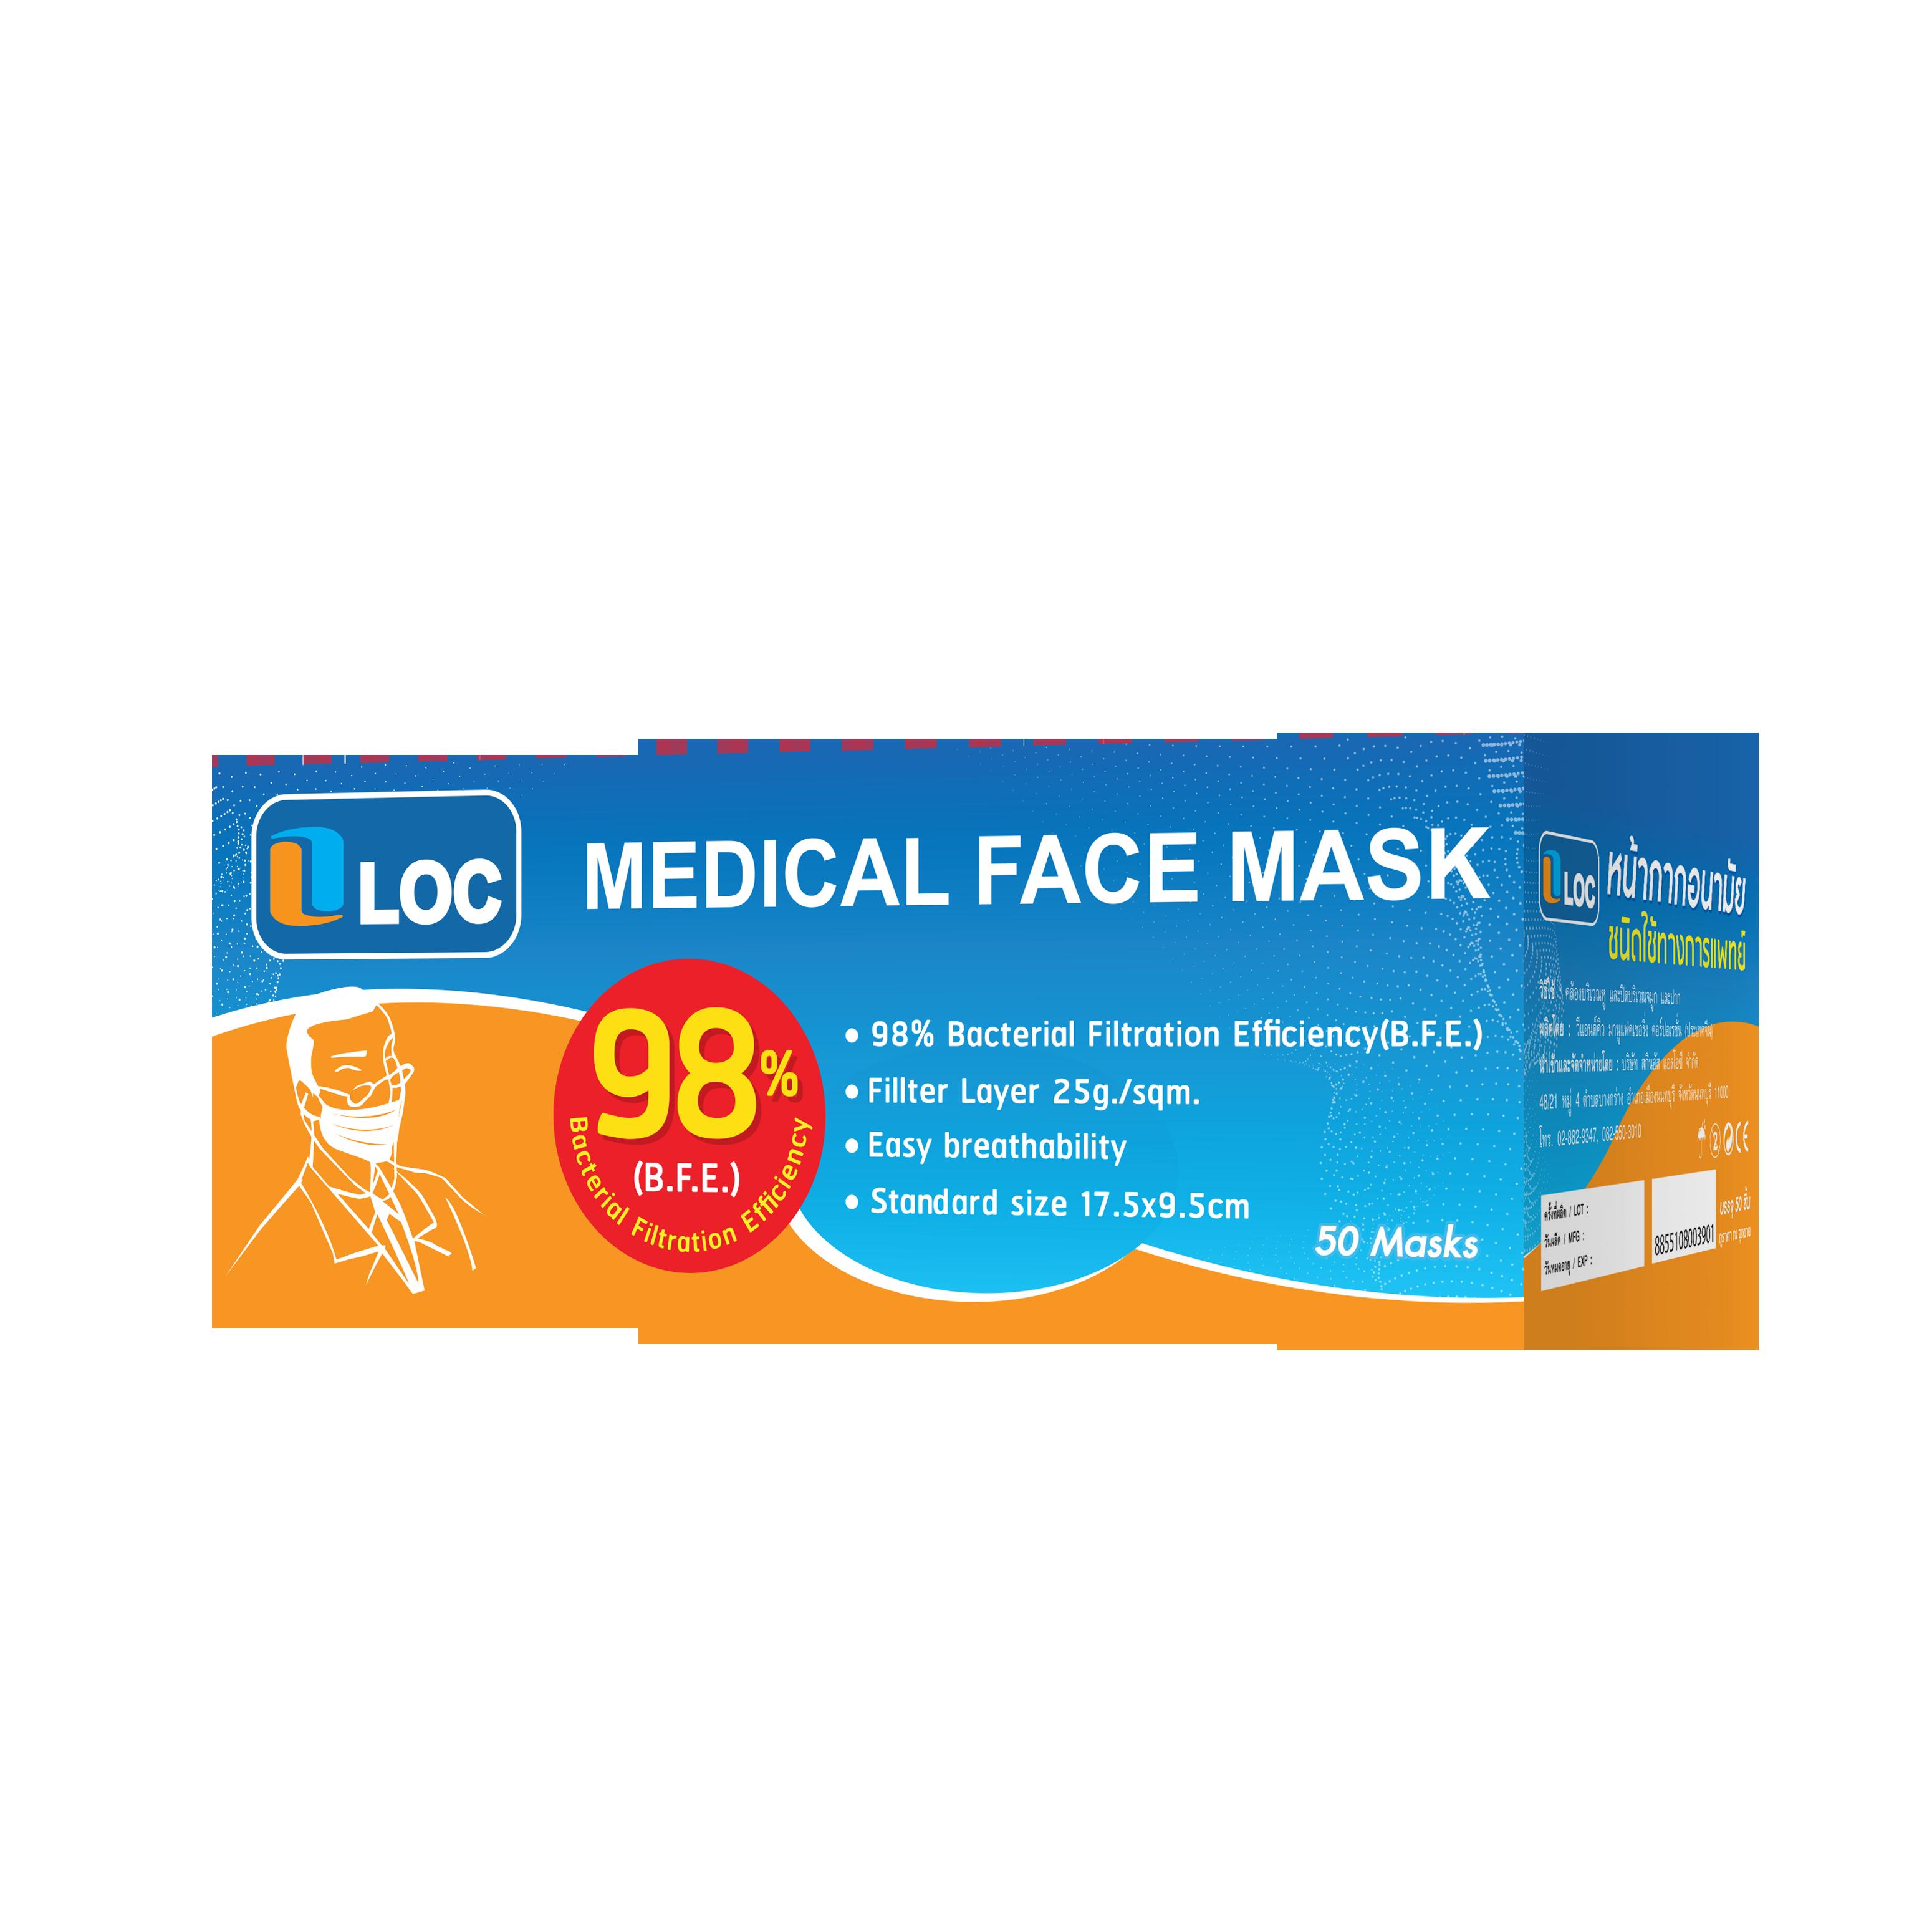 หน้ากากอนามัยชนิดใช้ทางการแพทย์ (Medical Face Mask)